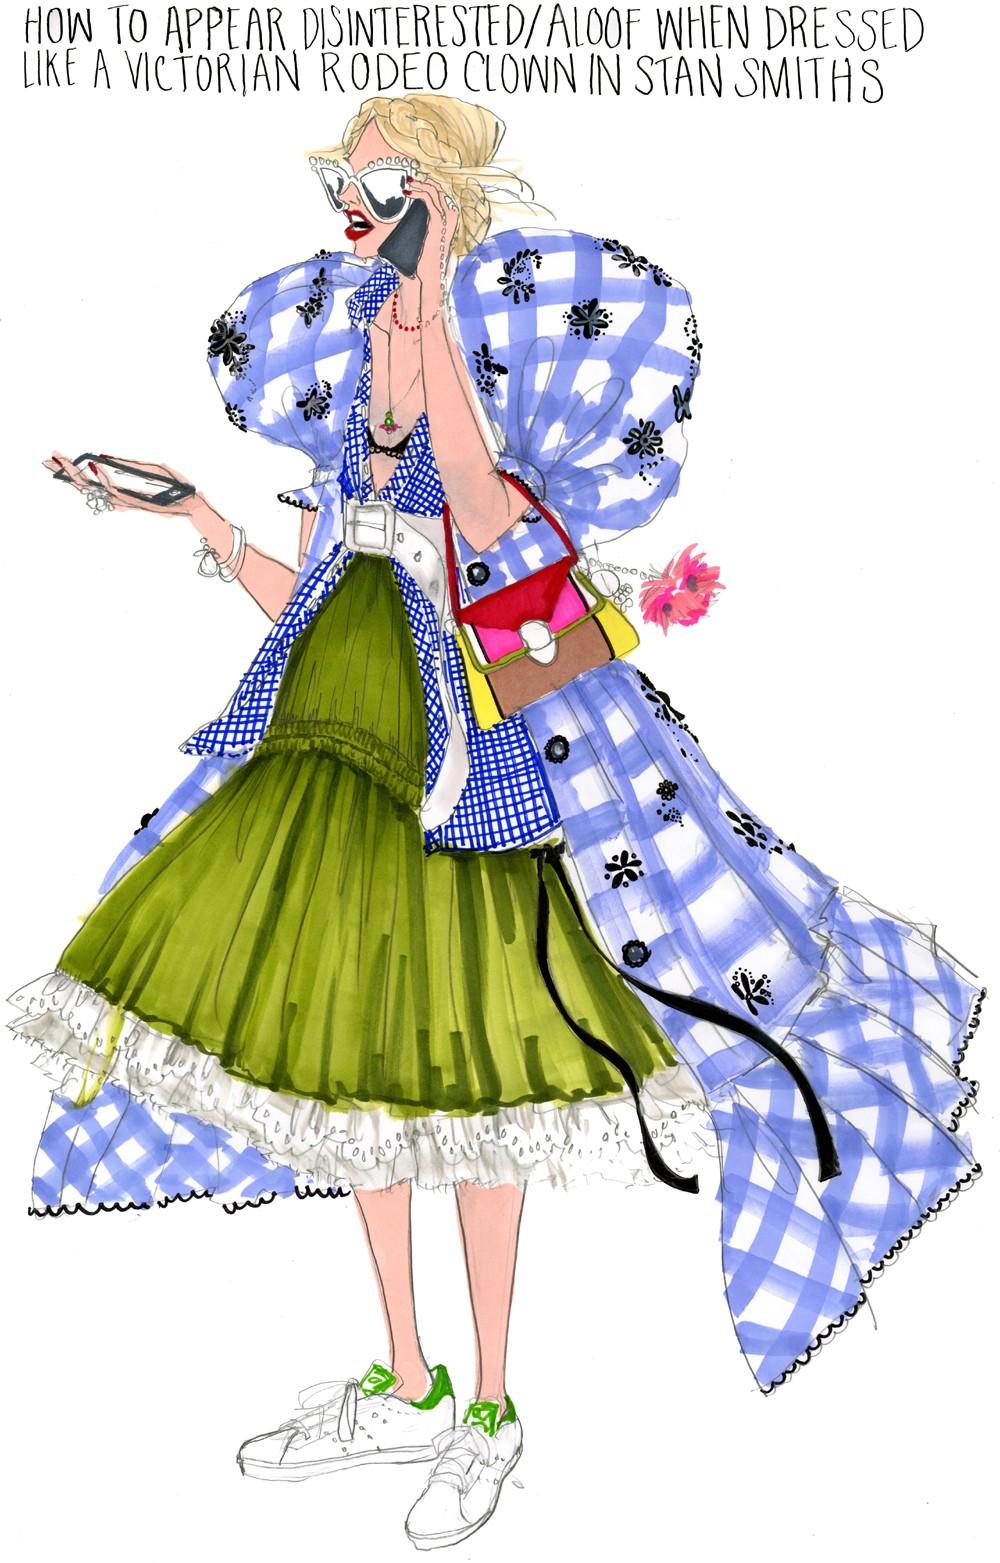 """""""Como parecer distraída enquanto está vestida como um palhaço de rodeio a bordo de tênis Stan Smith"""" (Foto: Ilustração Julie Houts/Divulgação)"""